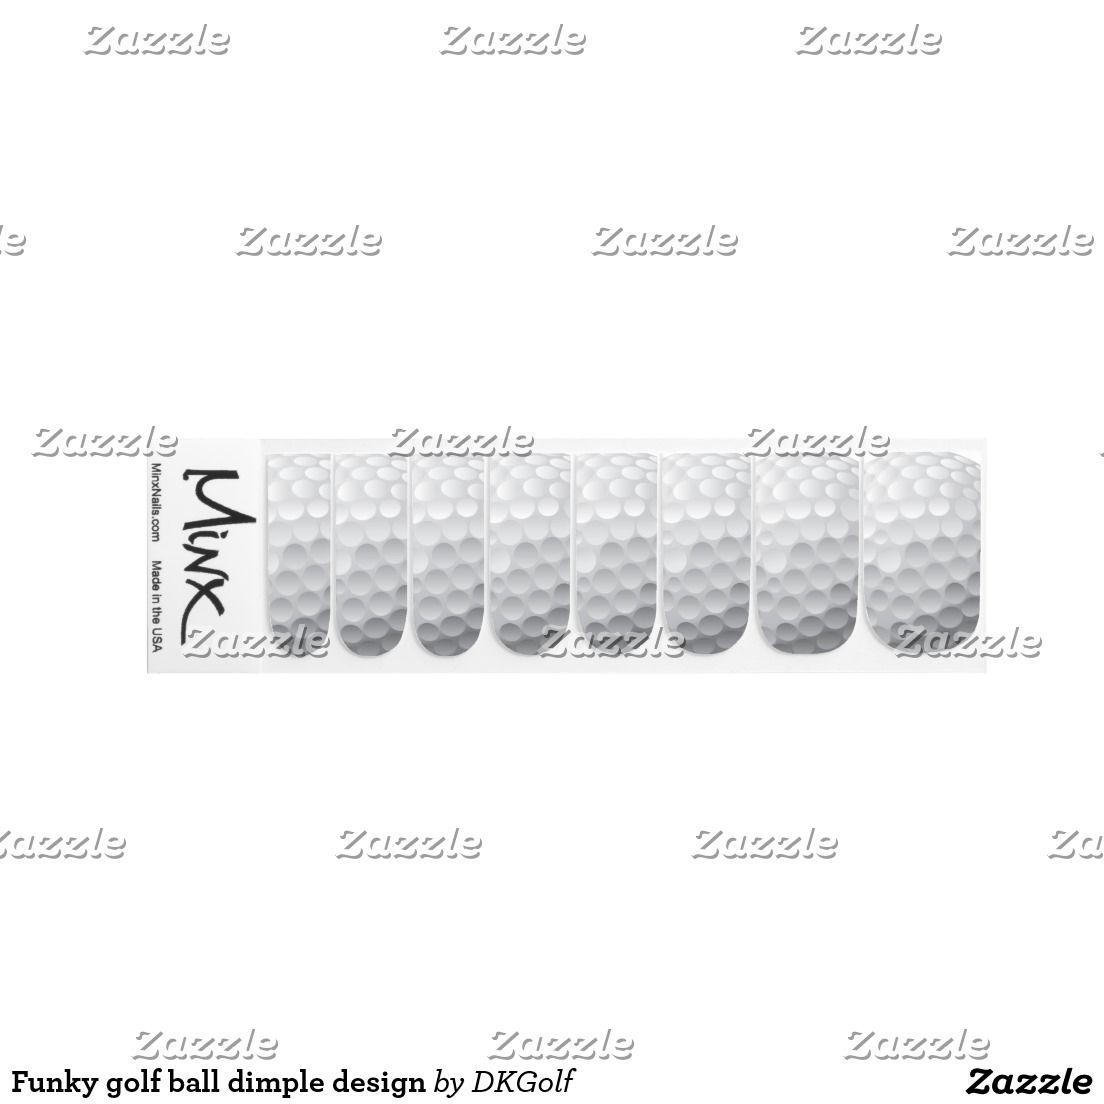 Funky golf ball dimple design nail art | DKGolf | Pinterest